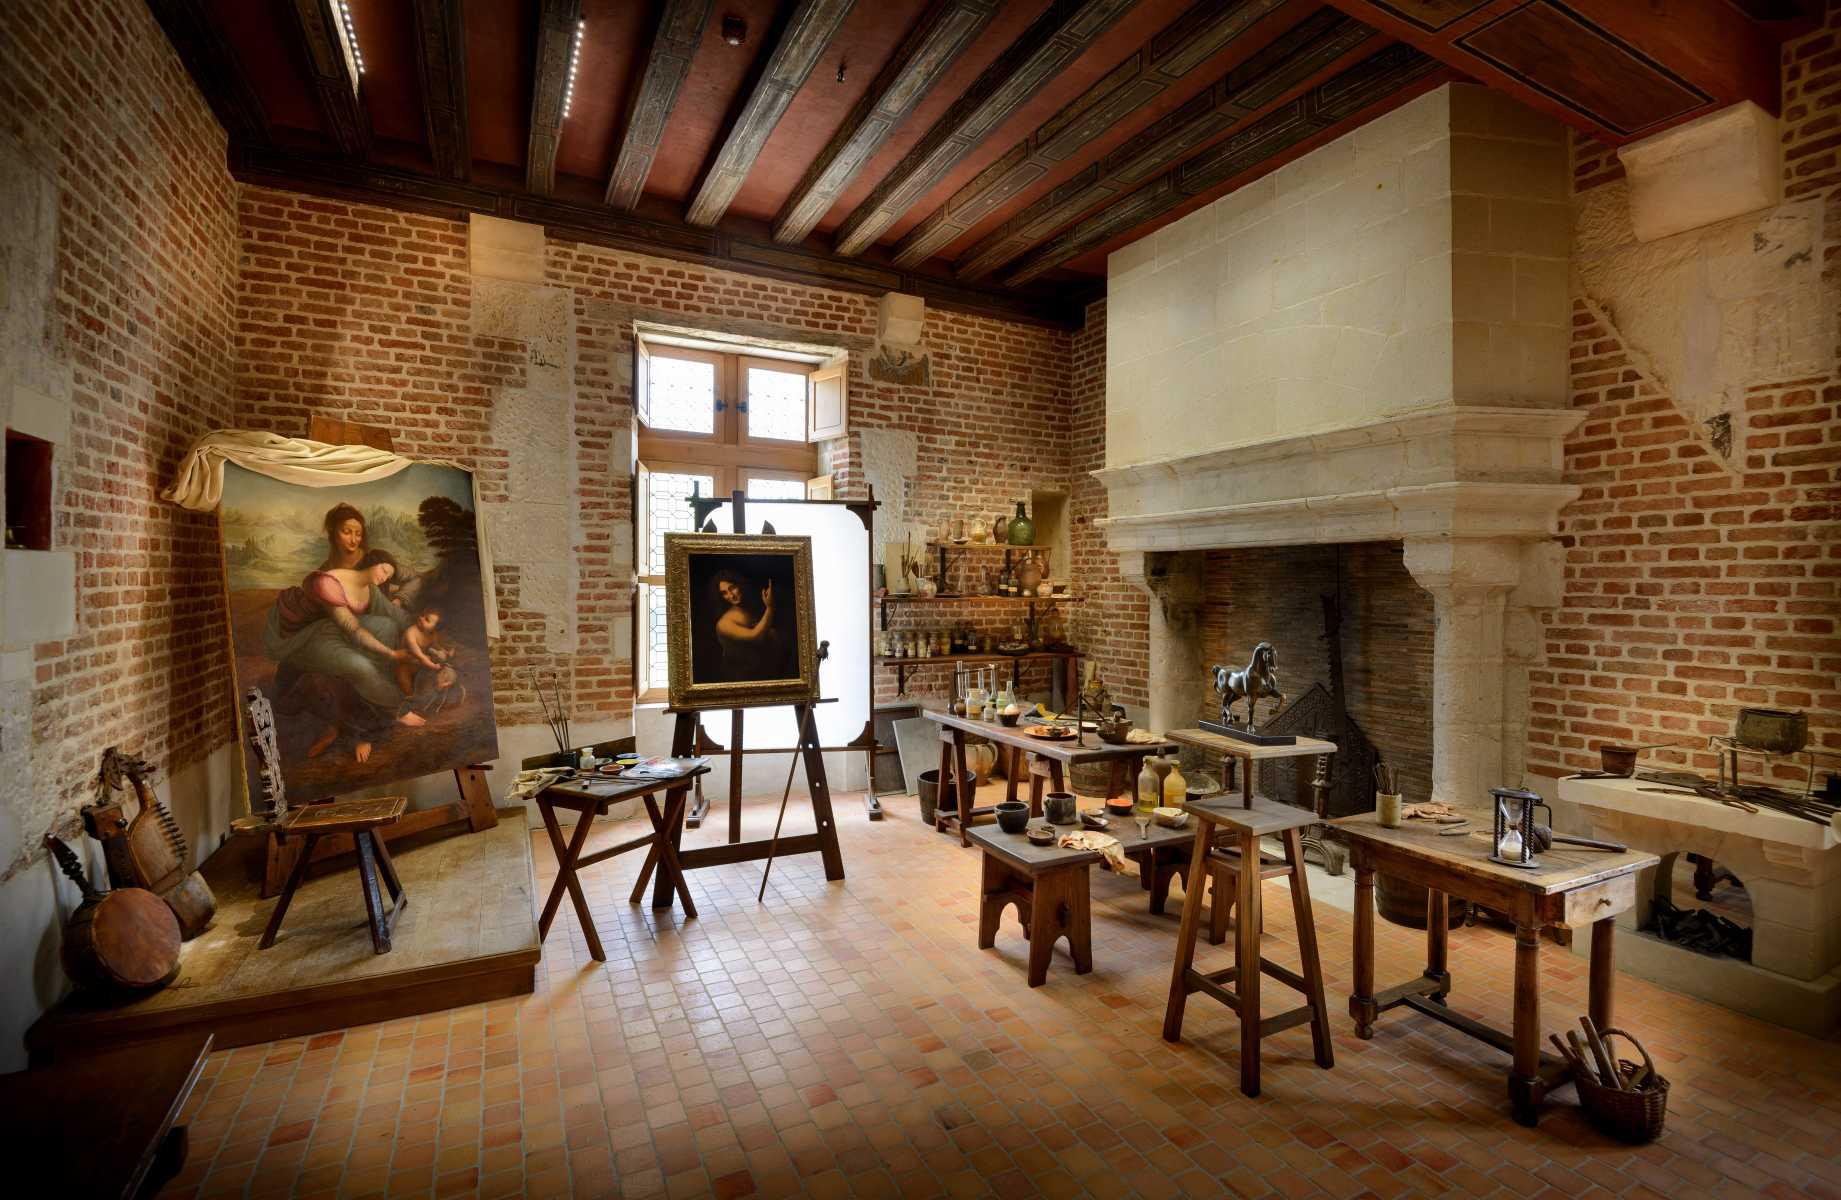 France - Clos-Lucé - L'atelier reconstitué de Léonard de Vinci.